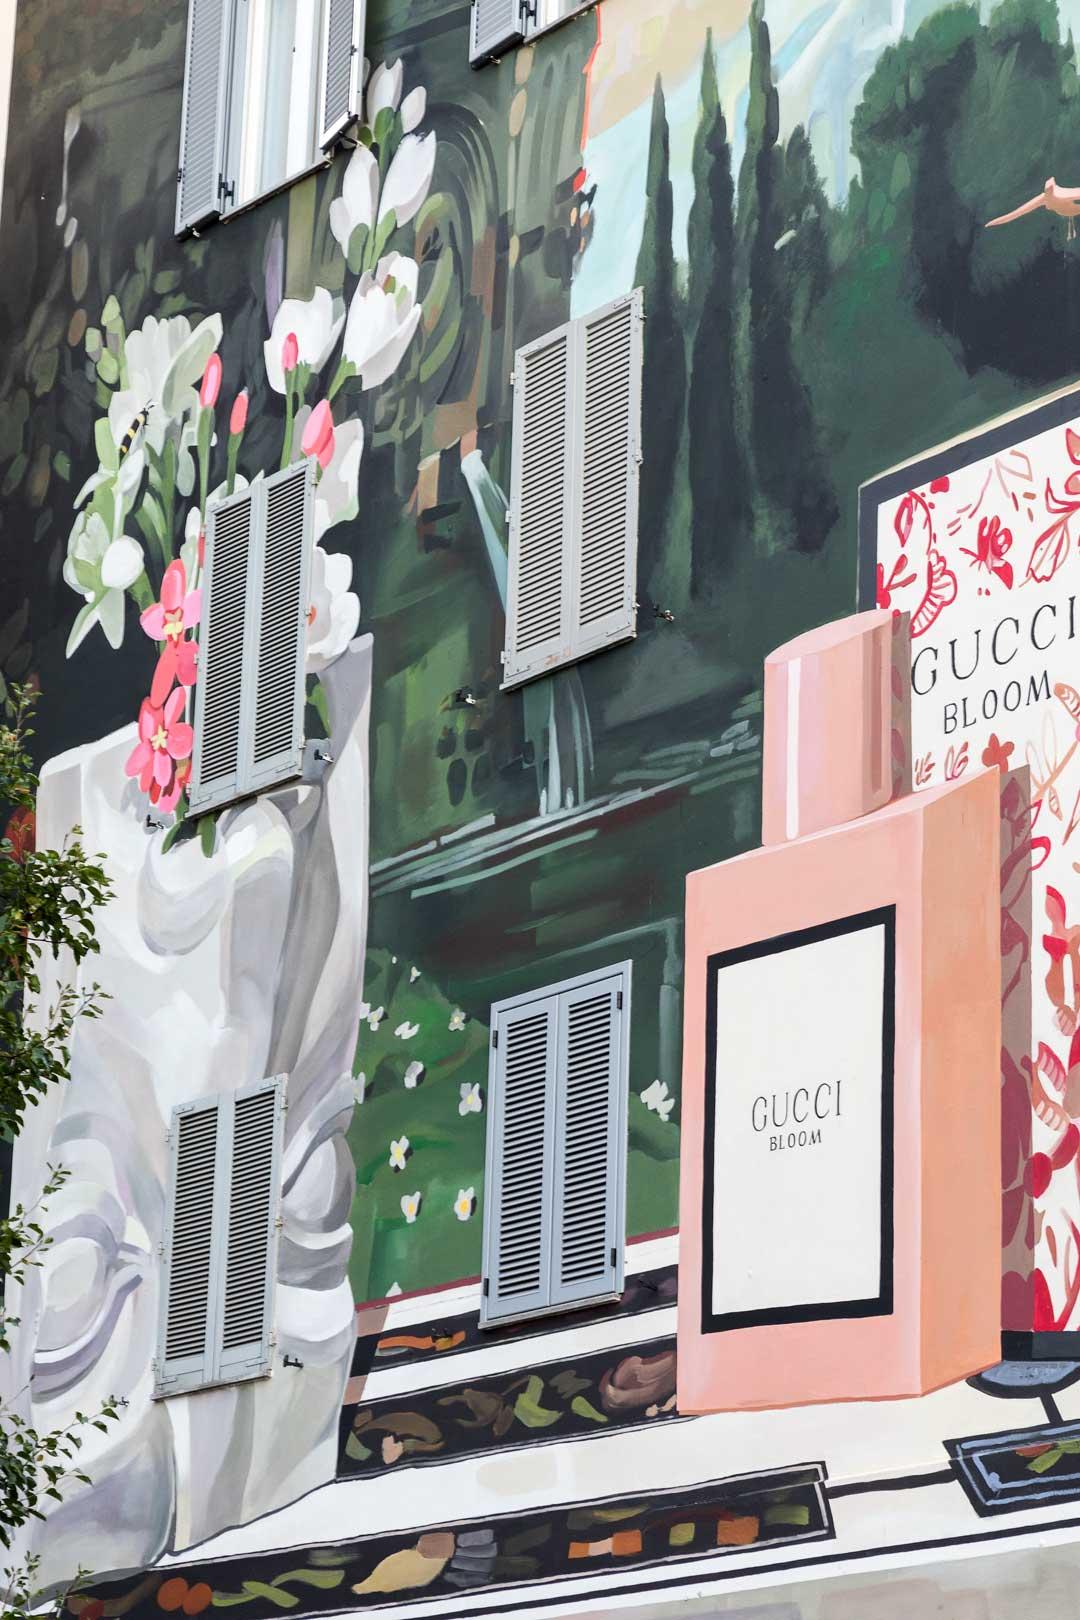 gucci-art-wall-dettaglio